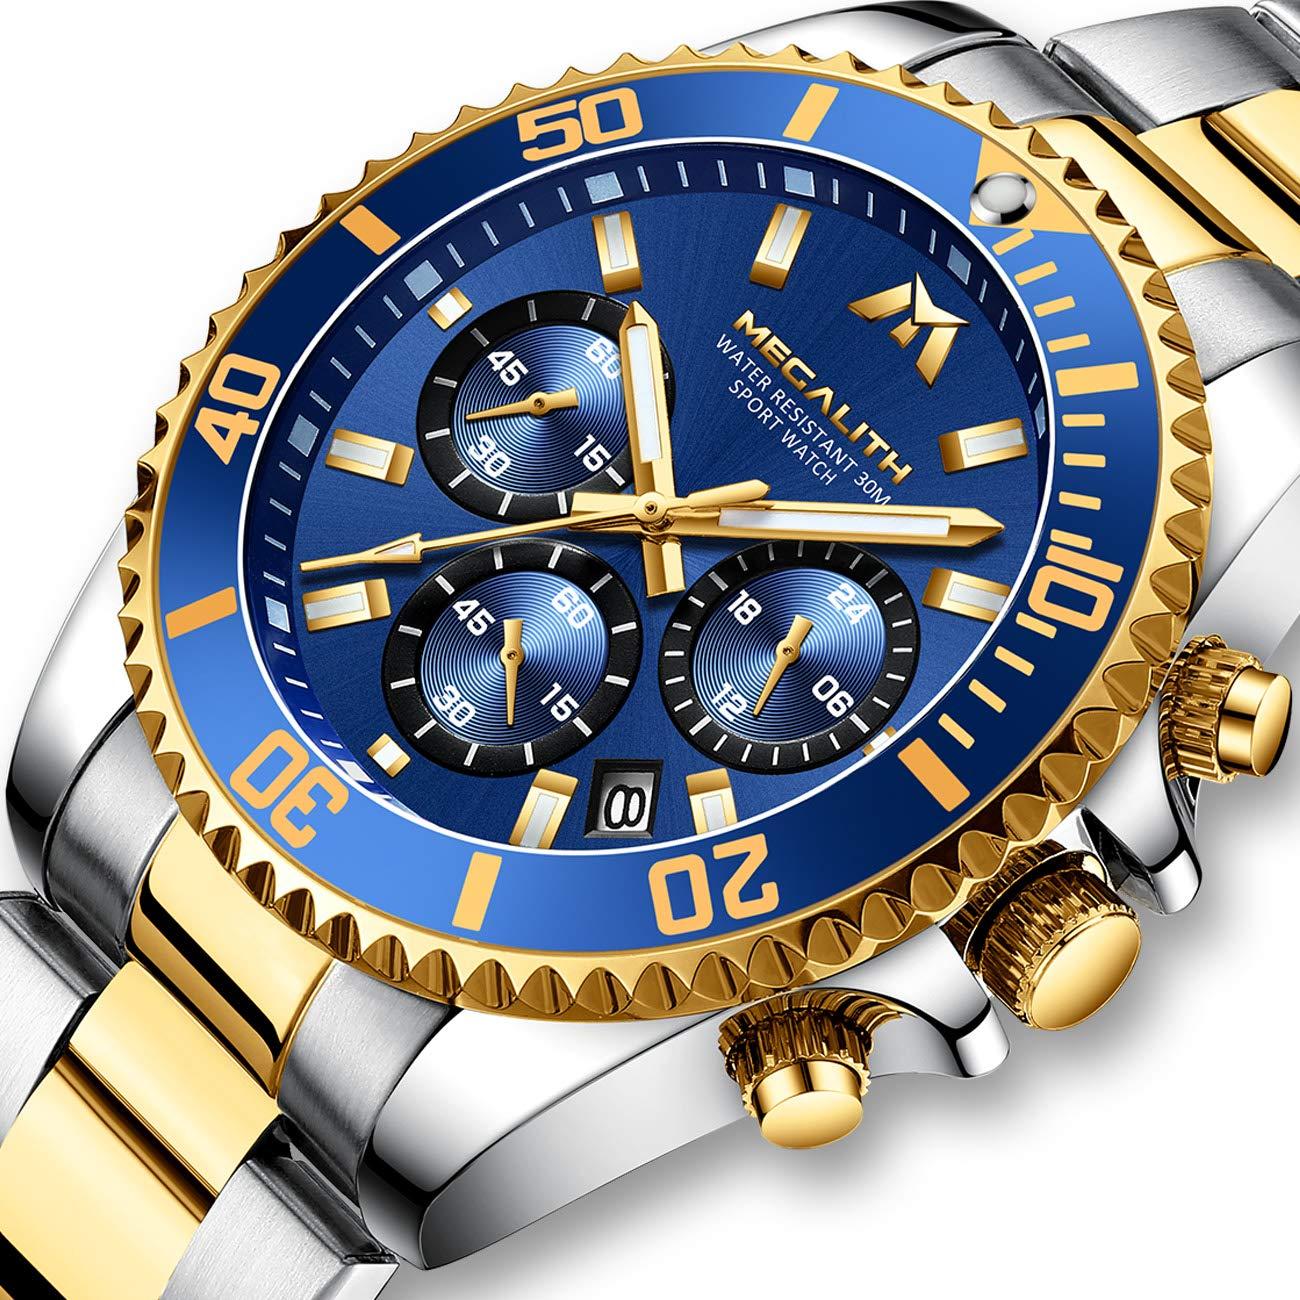 Herren-Uhr-Mnner-Chronographen-Gold-Edelstahl-Wasserdicht-Designer-Armbanduhren-Mann-Militr-Groes-Leuchtende-Analog-Datum-Business-Uhren